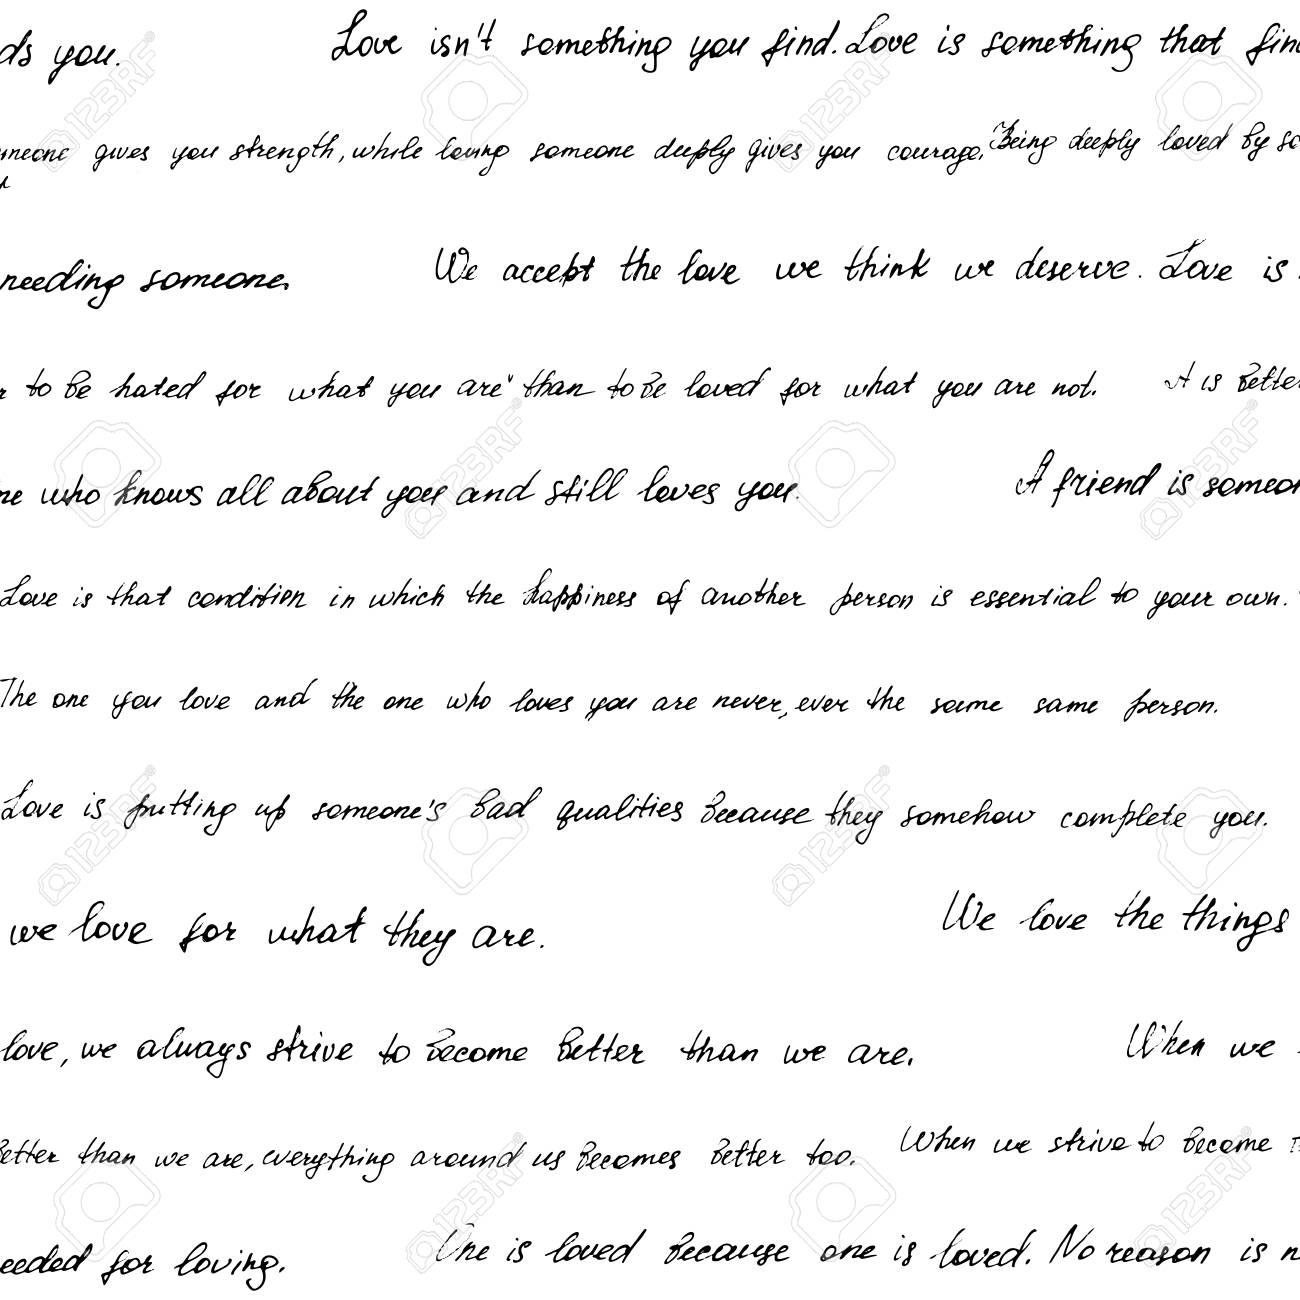 Patrón Transparente Hecho De Texto Manuscrito Frases Y Citas Sobre El Amor Y Las Relaciones